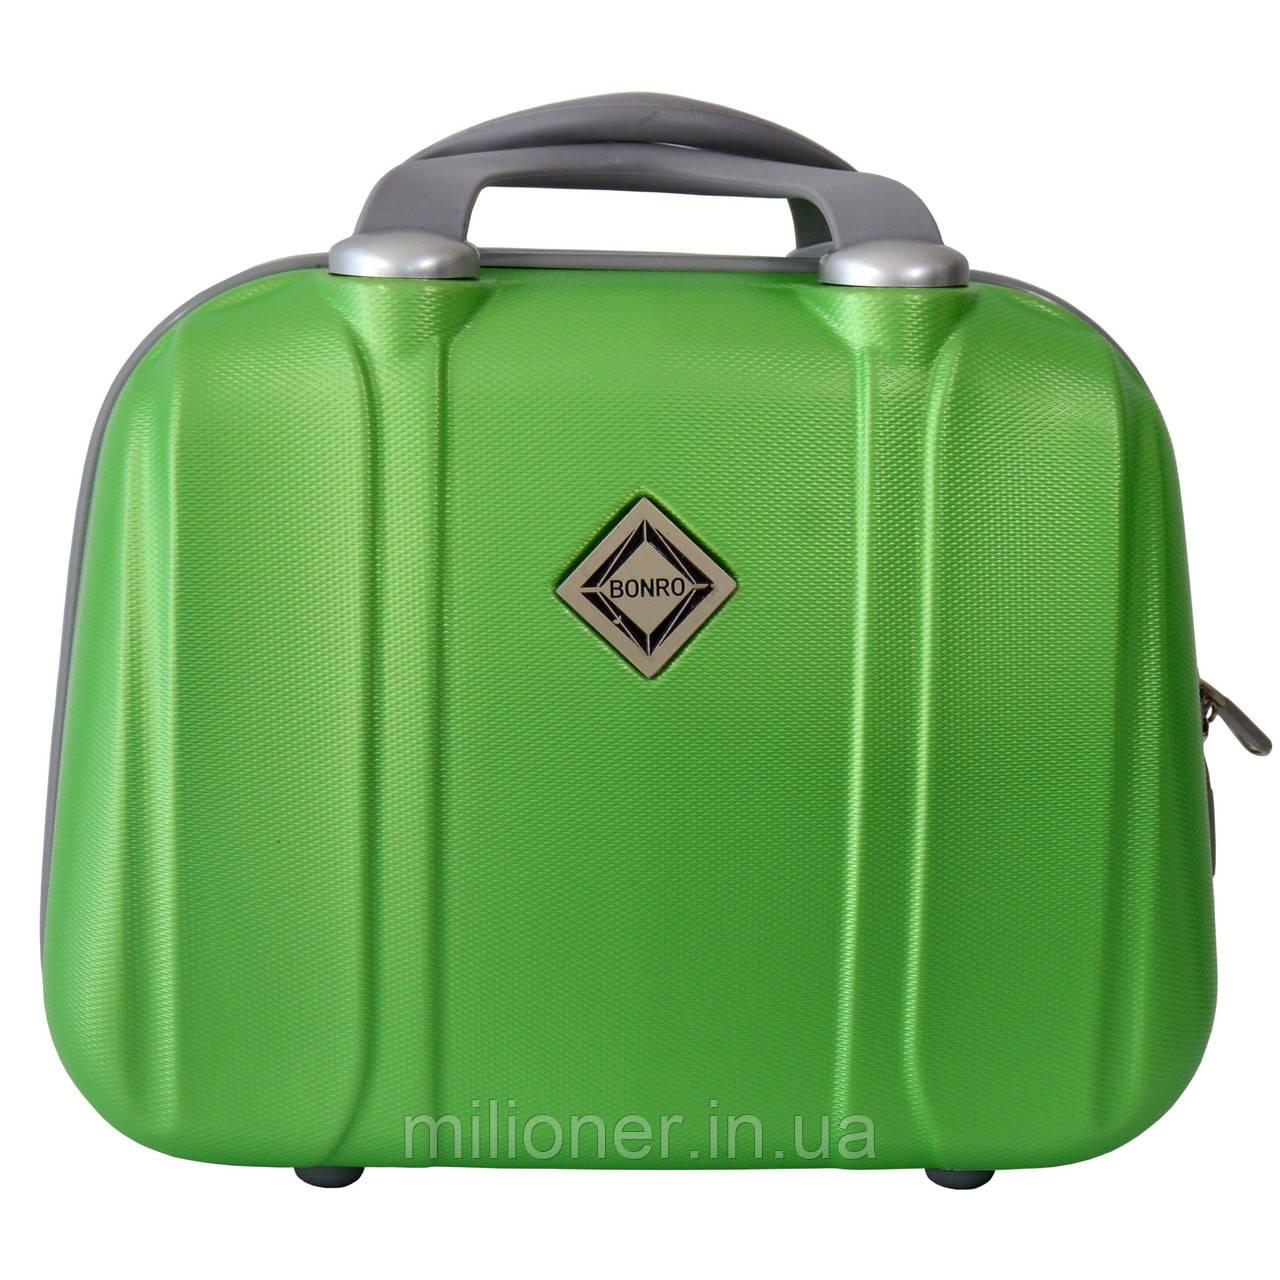 Сумка кейс саквояж Bonro Smile (большой) салатовый (green 696)